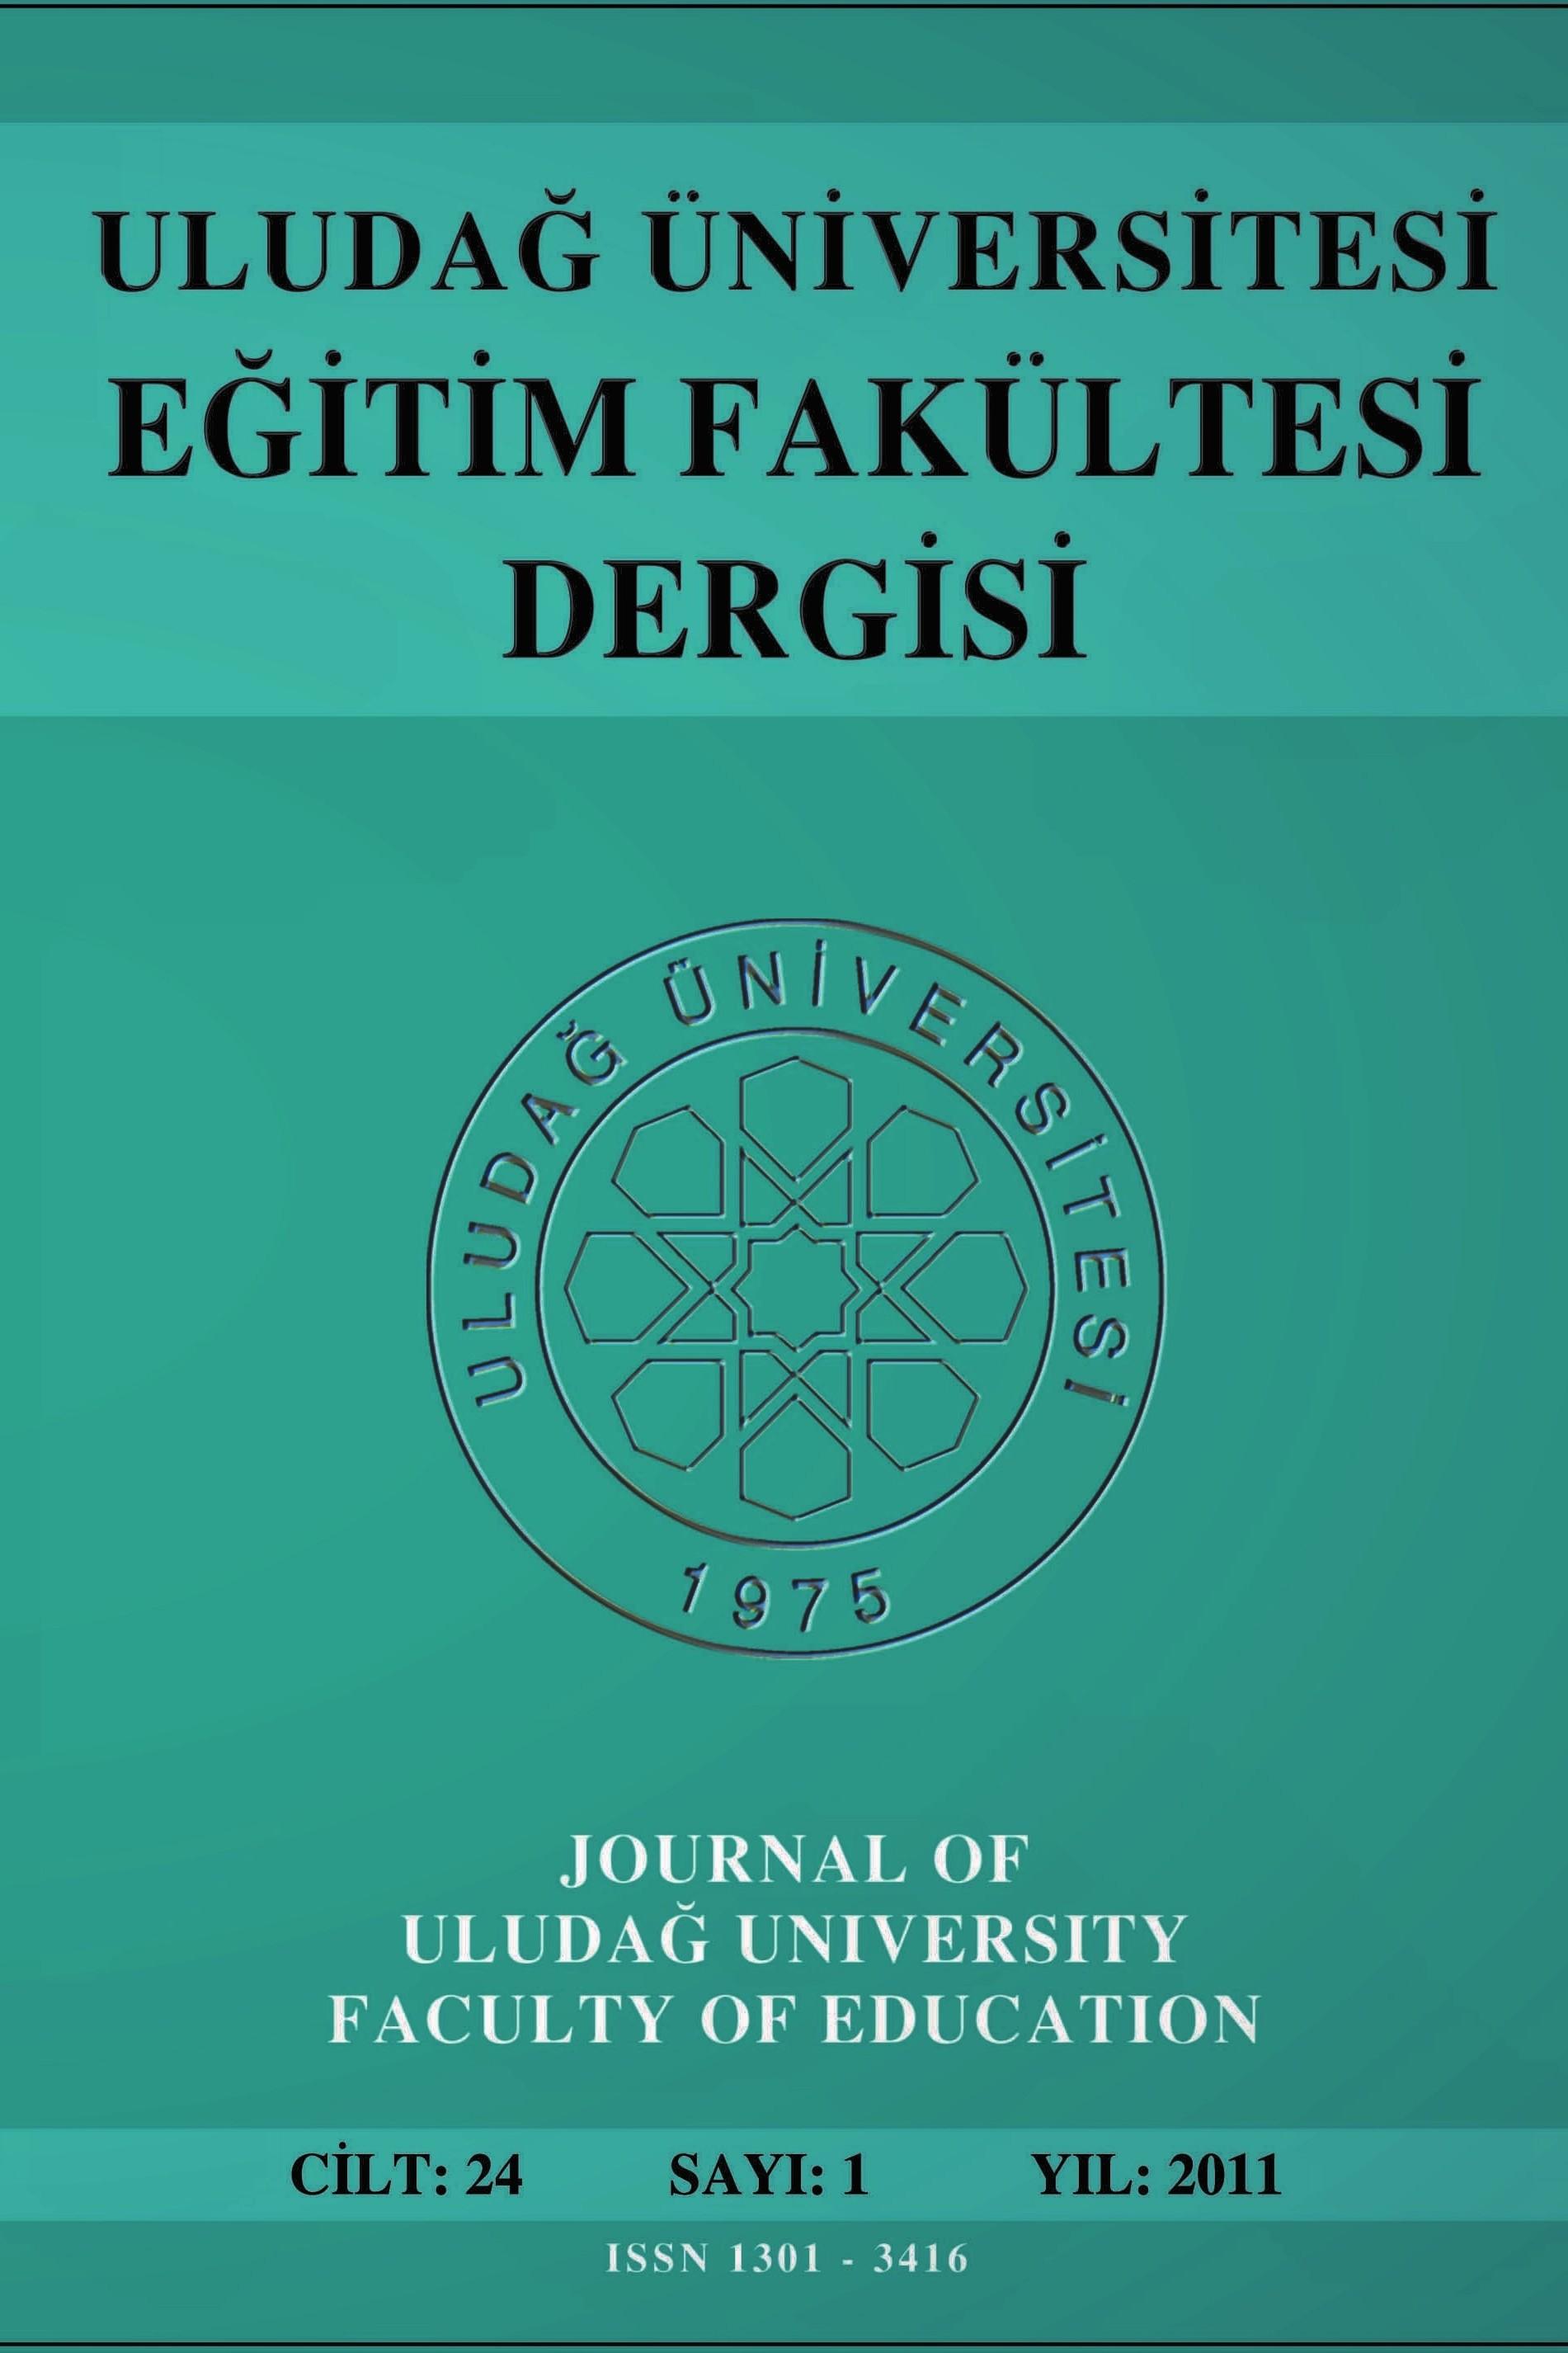 Uludağ Üniversitesi Eğitim Fakültesi Dergisi